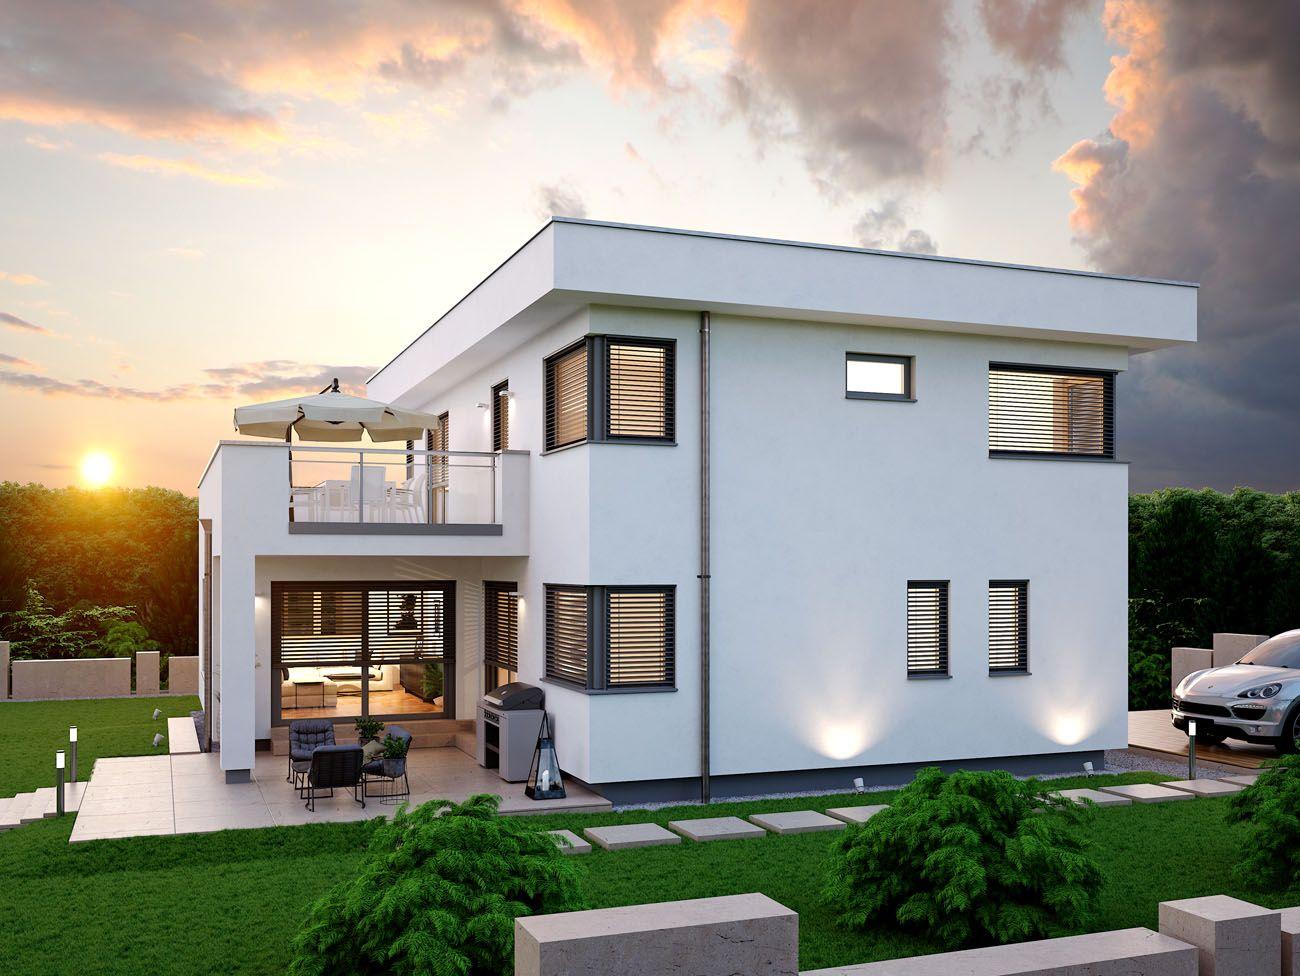 Entzuckend ZENKER Haus Konzept 174. Viel Fläche Zum Wohnen, Leben Und Wohlfühlen.  Modernes Design